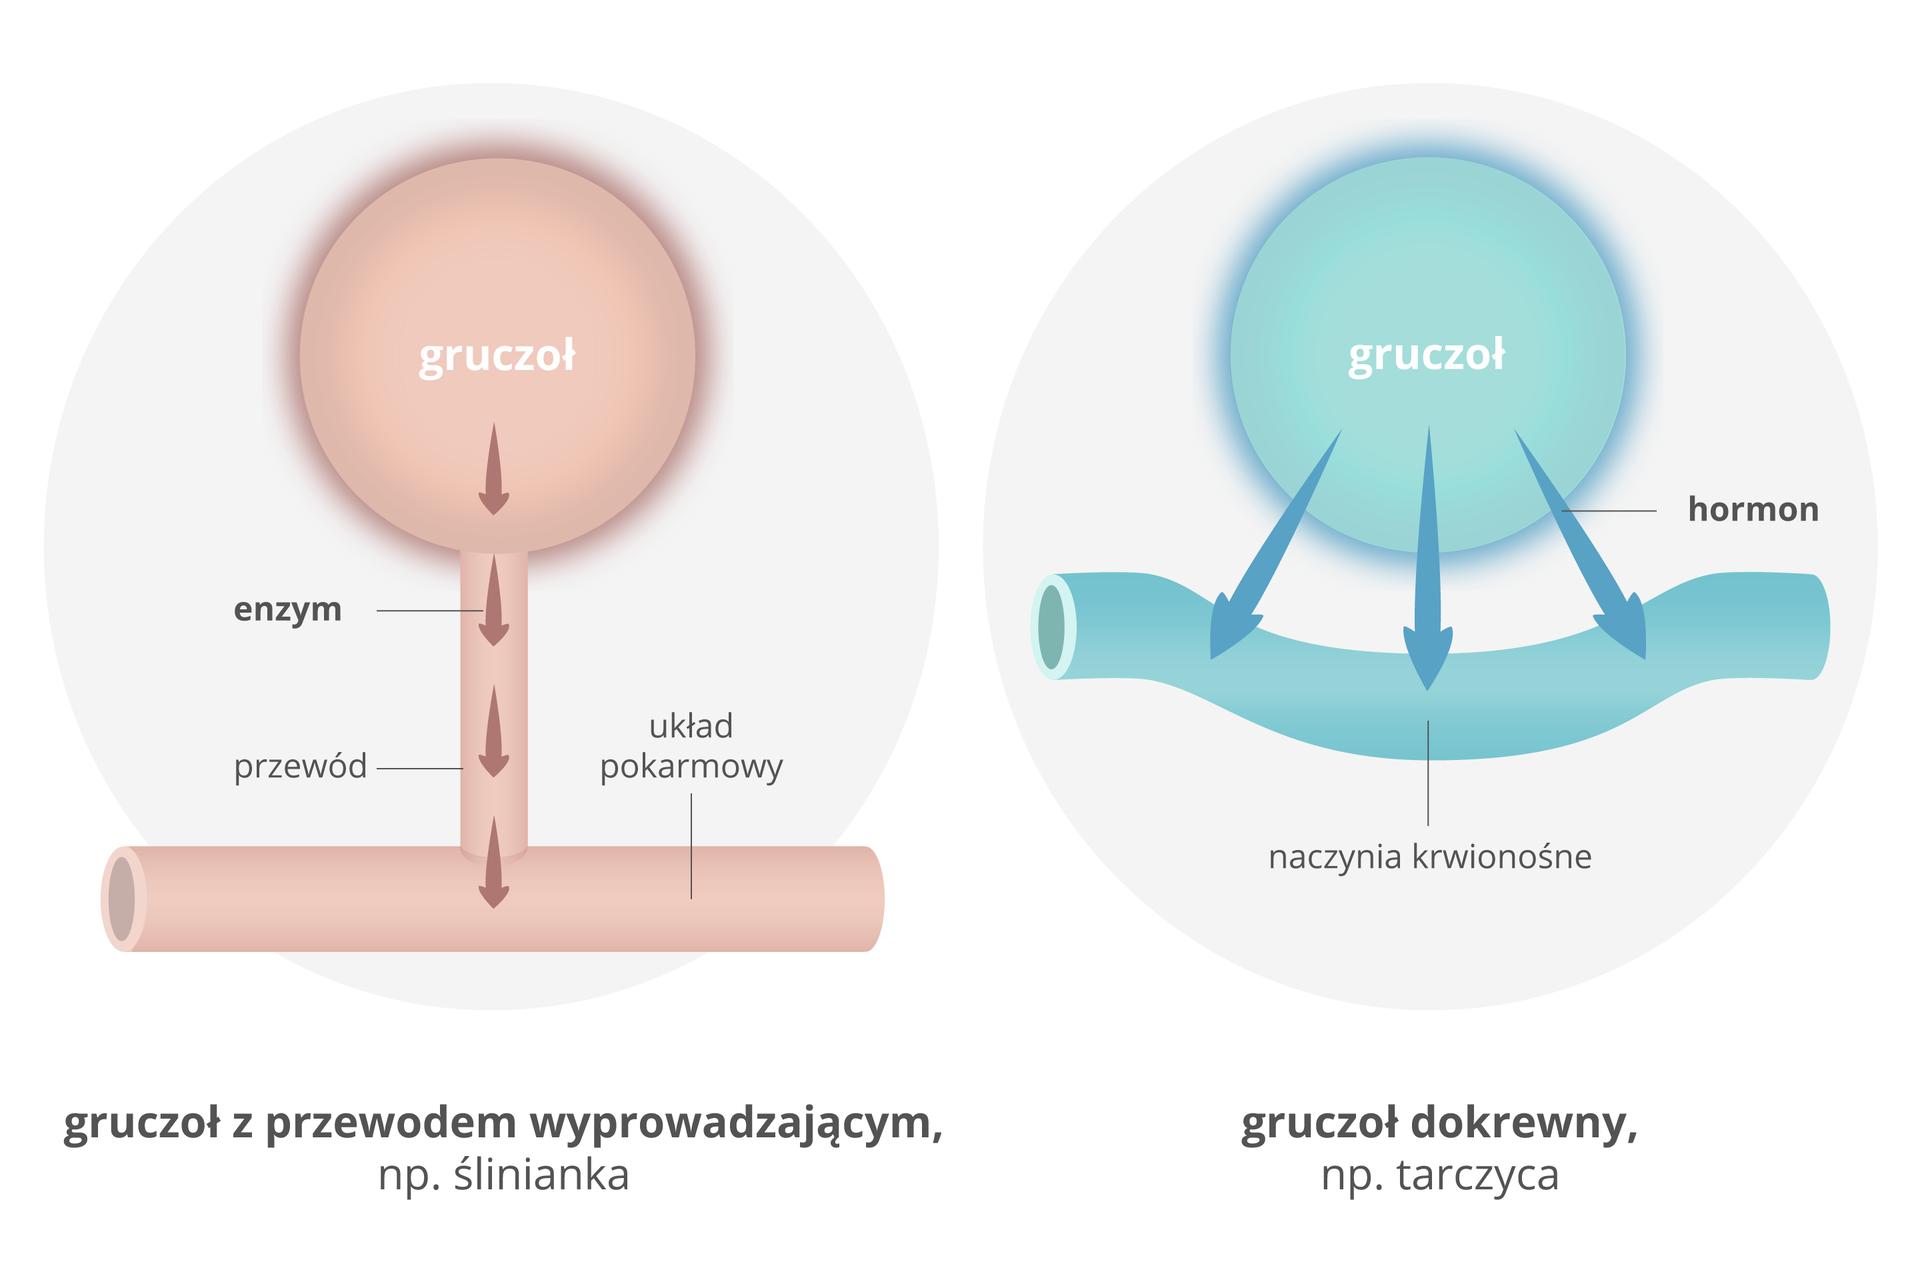 Galeria przedstawia ilustracje przedstawiające działania gruczołów. Ilustracja przedstawia porównanie gruczołu trawiennego iwewnątrzwydzielniczego. Po lewej stronie, na szarym tle, przedstawiono różowy kulisty gruczoł trawienny. Wydziela on enzymy: ciemnoróżowe strzałki biegnące przewodem wdół. Przewód łączy się zpoziomą, różową rurą układu pokarmowego. Taki działający gruczoł to na przykład ślinianka. Po prawej schemat działania gruczołu wewnątrzwydzielniczego. Niebieska kulka na szarym tle to gruczoł. Trzy niebieskie strzałki to hormony. Prowadzą one do wygiętej, niebieskiej rurki naczynia krwionośnego. Taki gruczoł to na przykład tarczyca.